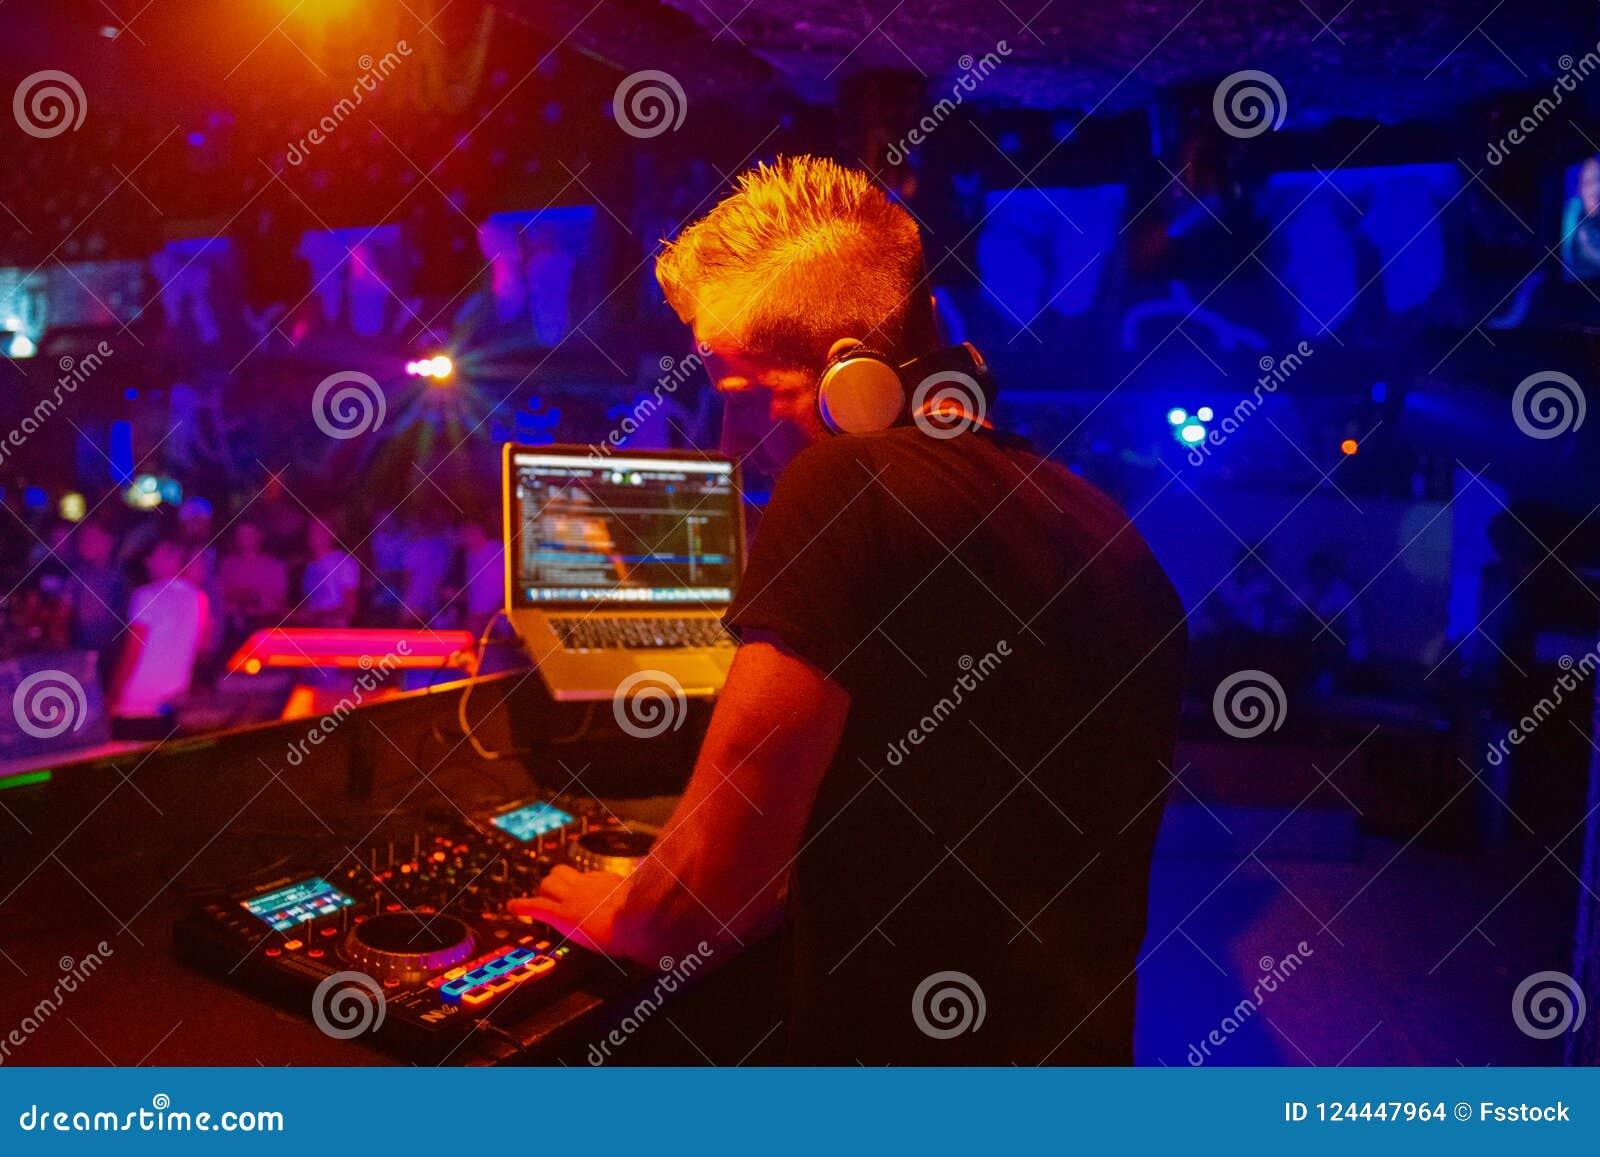 Klubba diskodiscjockey som spelar och blandar musik för folkmassan av lyckligt folk Uteliv konsertljus, signalljus